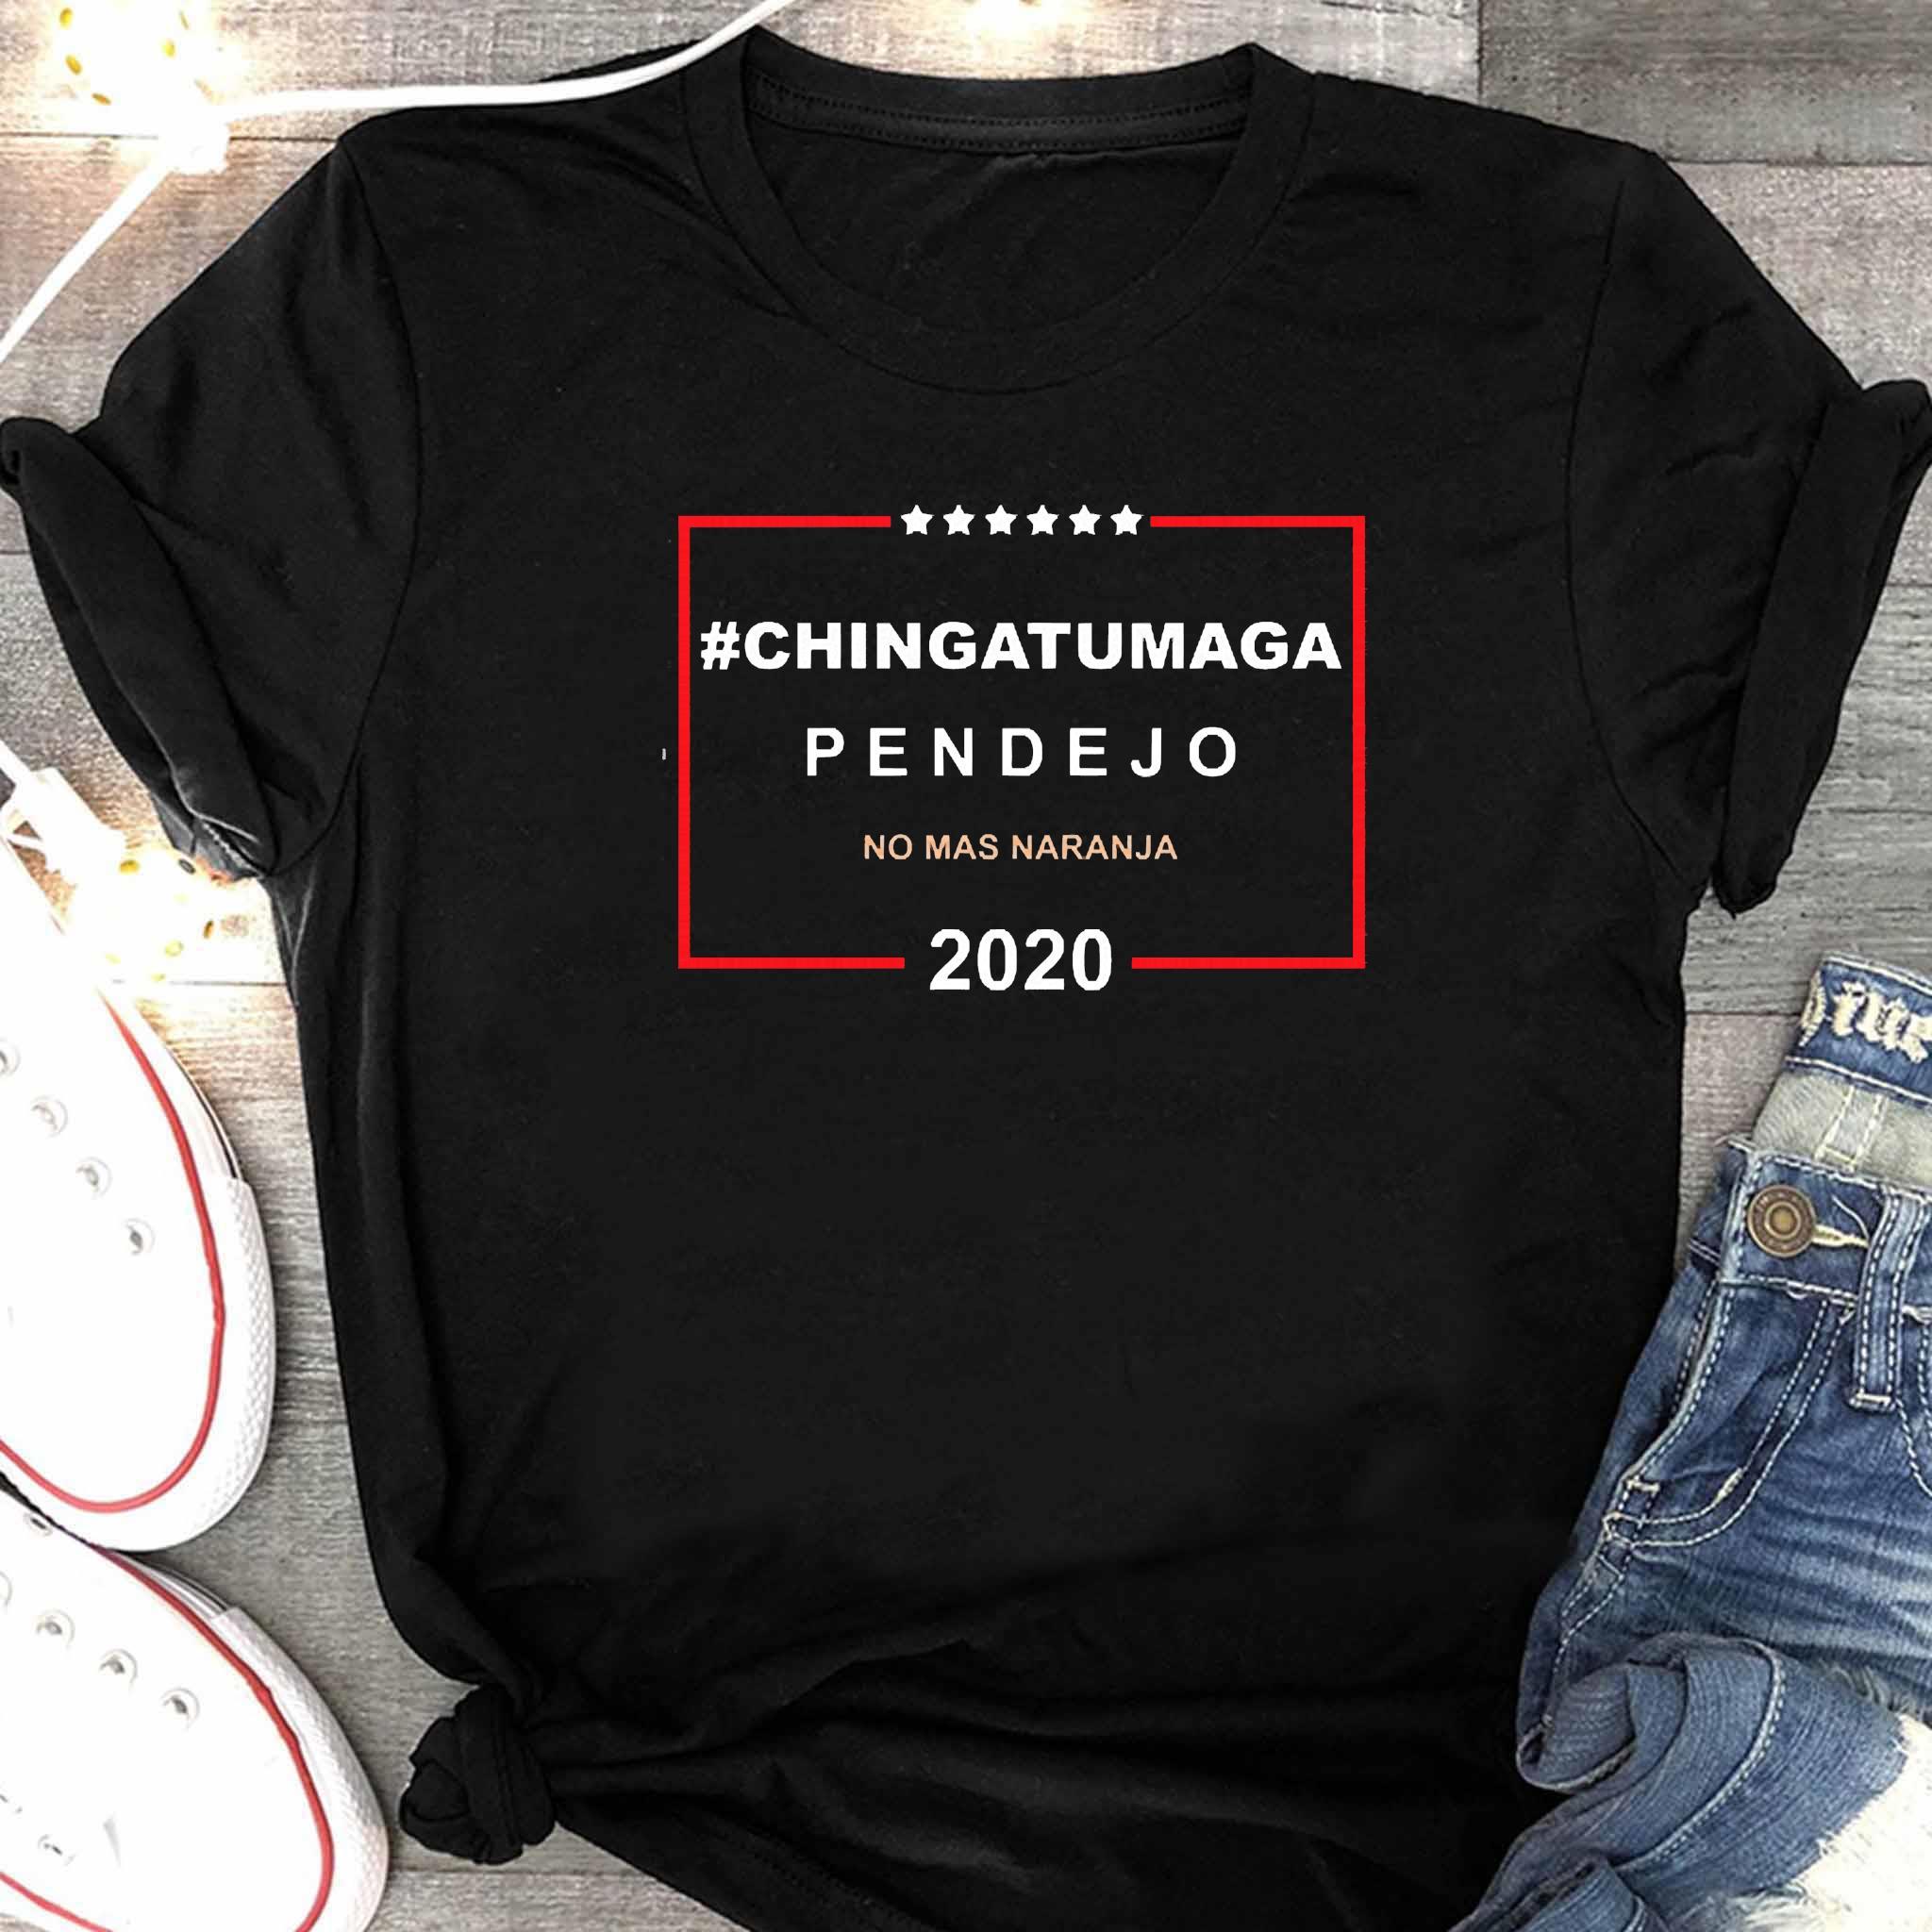 Chingatumaga Pendejo No Mas Naranja 2020 Shirt Women's Shirt